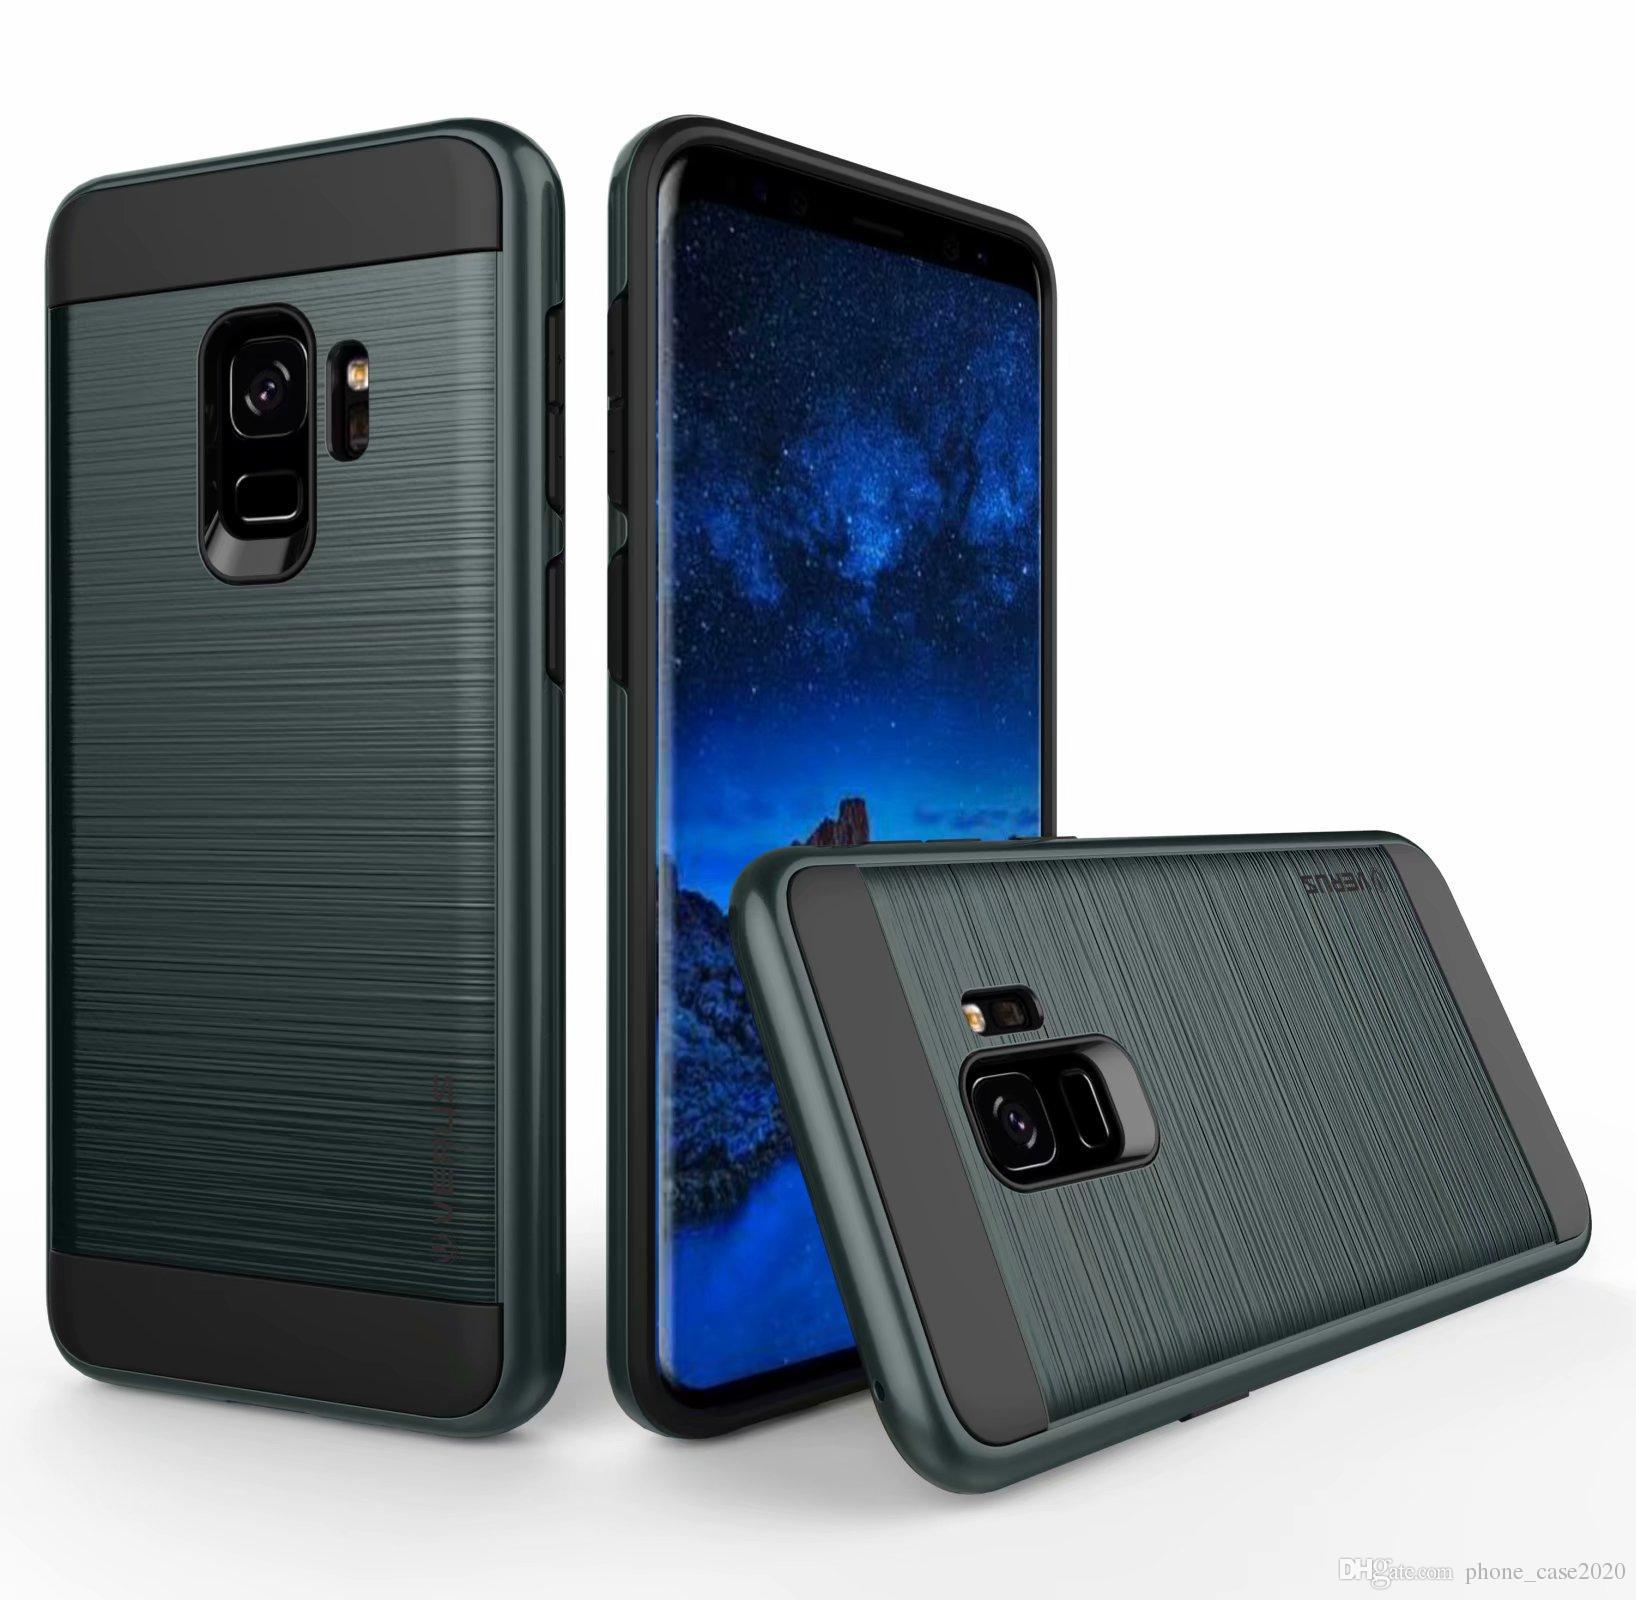 Hüllen Selbst Gestalten Slim 2in1 Hybrid Brushed Rüstung Fall Für Samsung Galaxy J6 2018 J4 J8 J2 Pro J730 J530 J330 J7 Prime Handy Hüller Selbst Gestalten